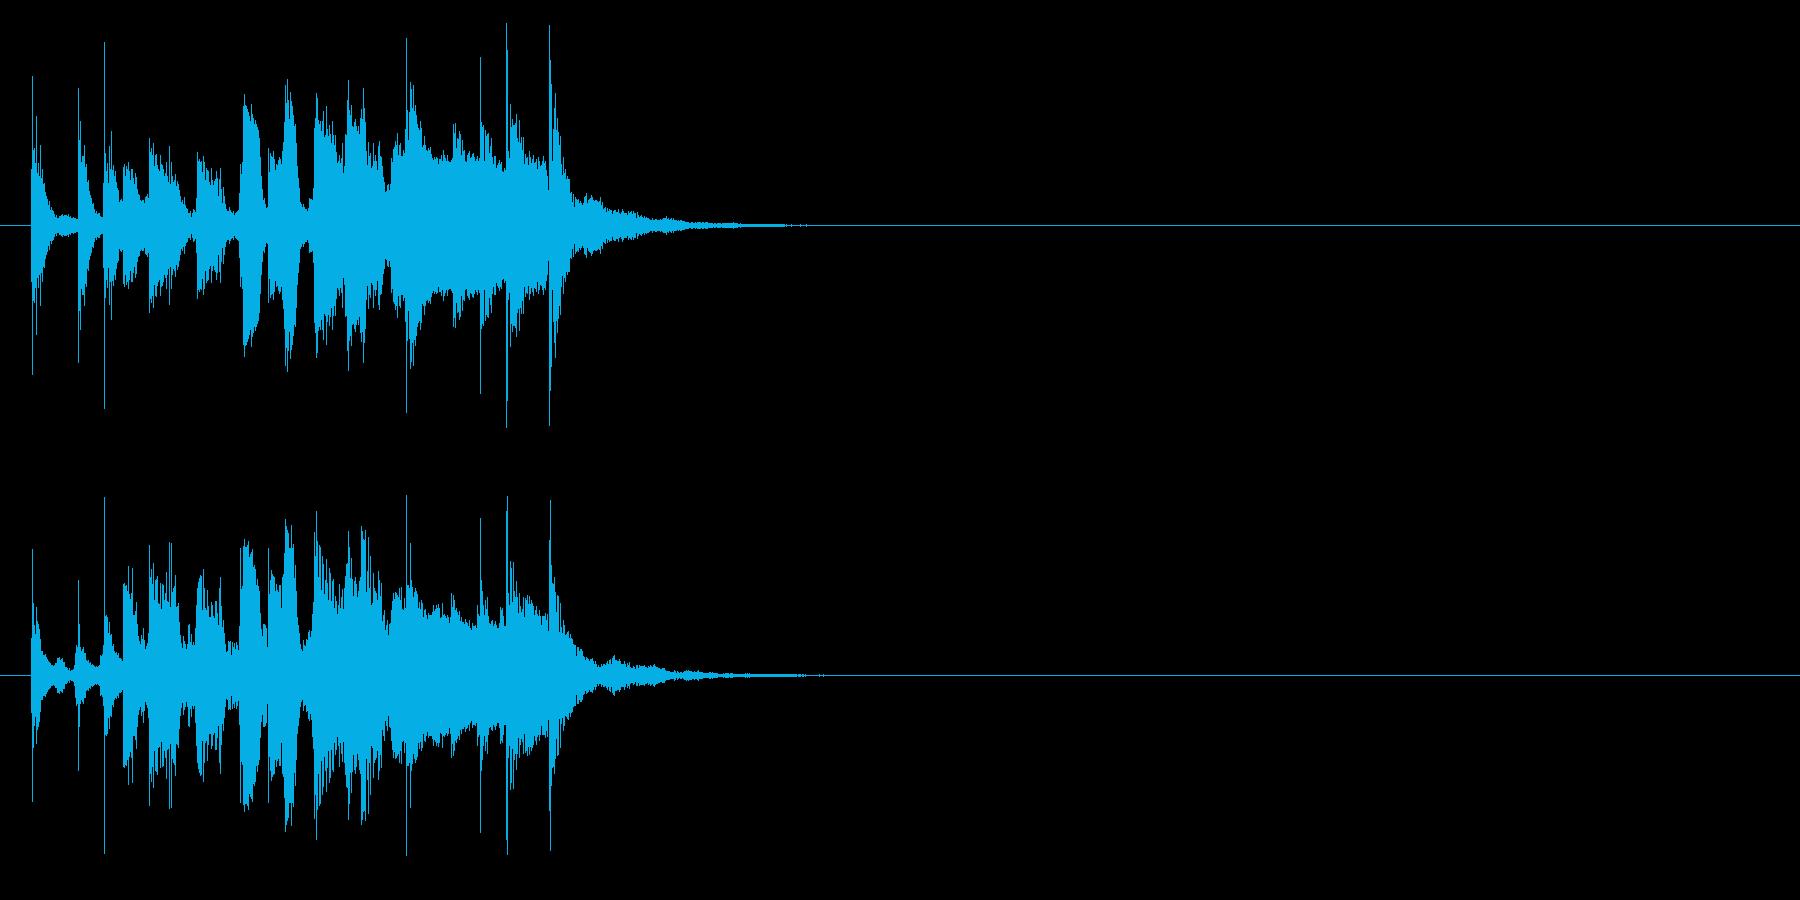 ハンドクラップが特徴的なピアノジングルの再生済みの波形